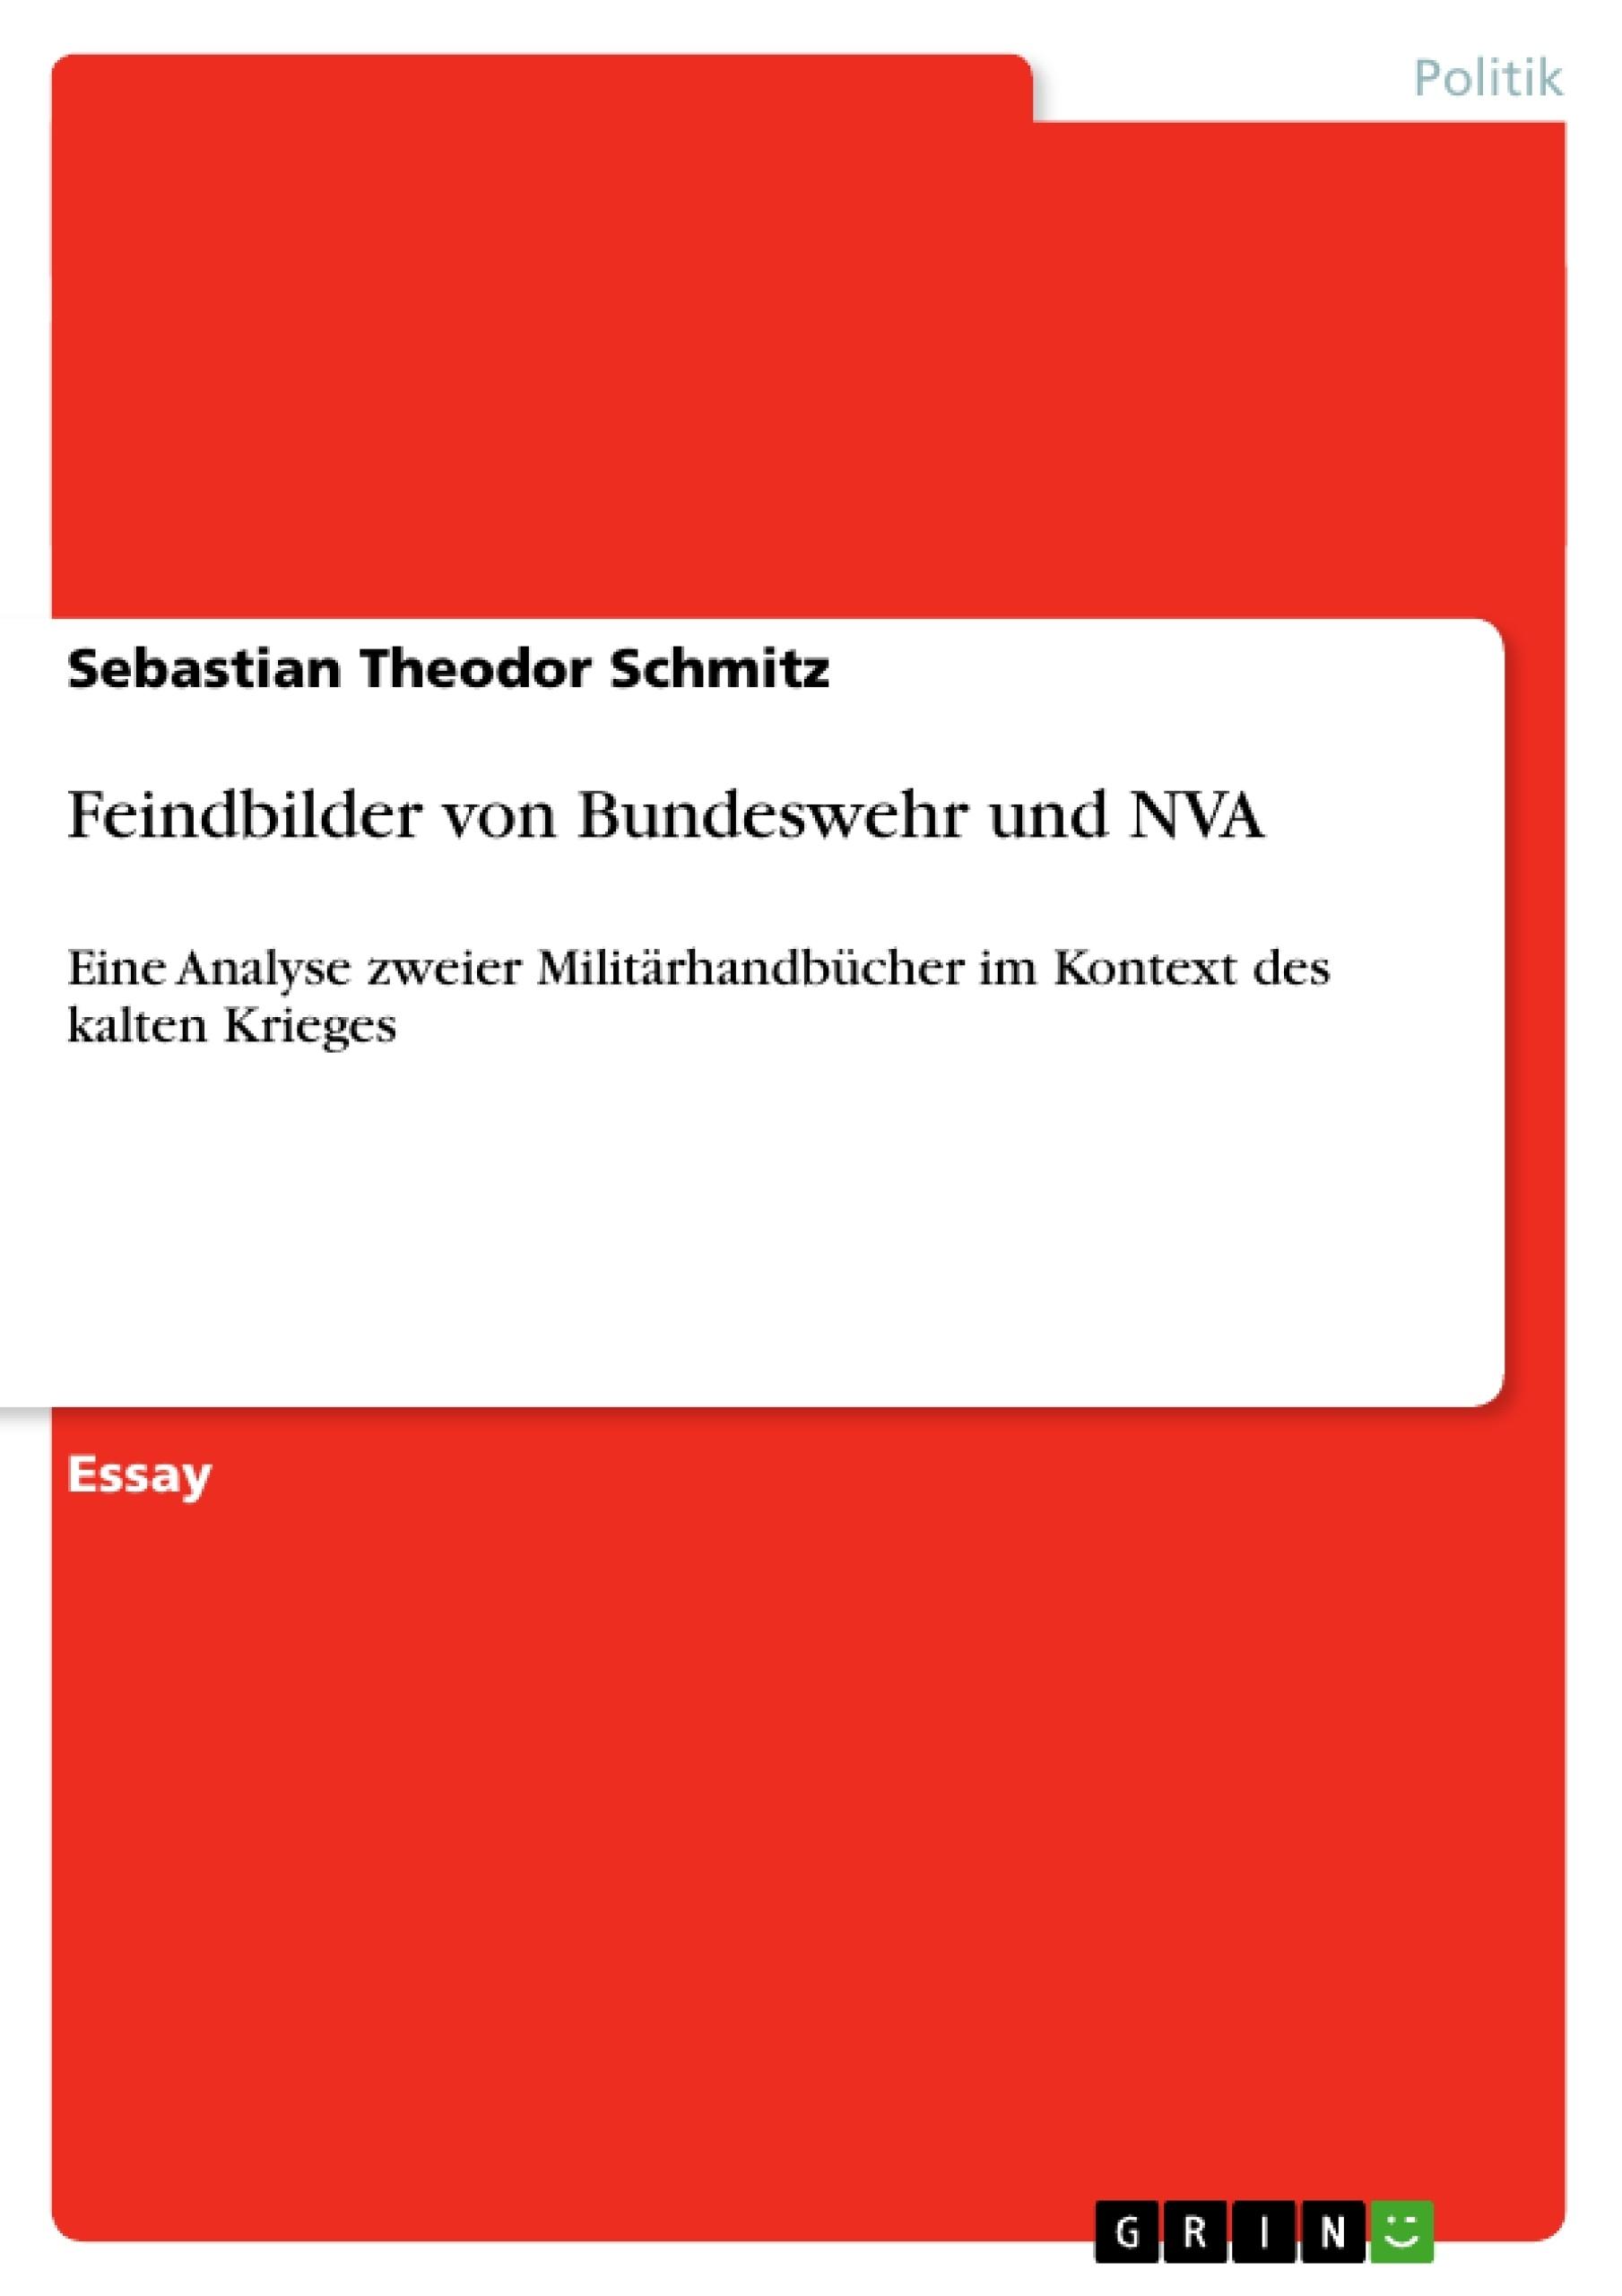 Titel: Feindbilder von Bundeswehr und NVA